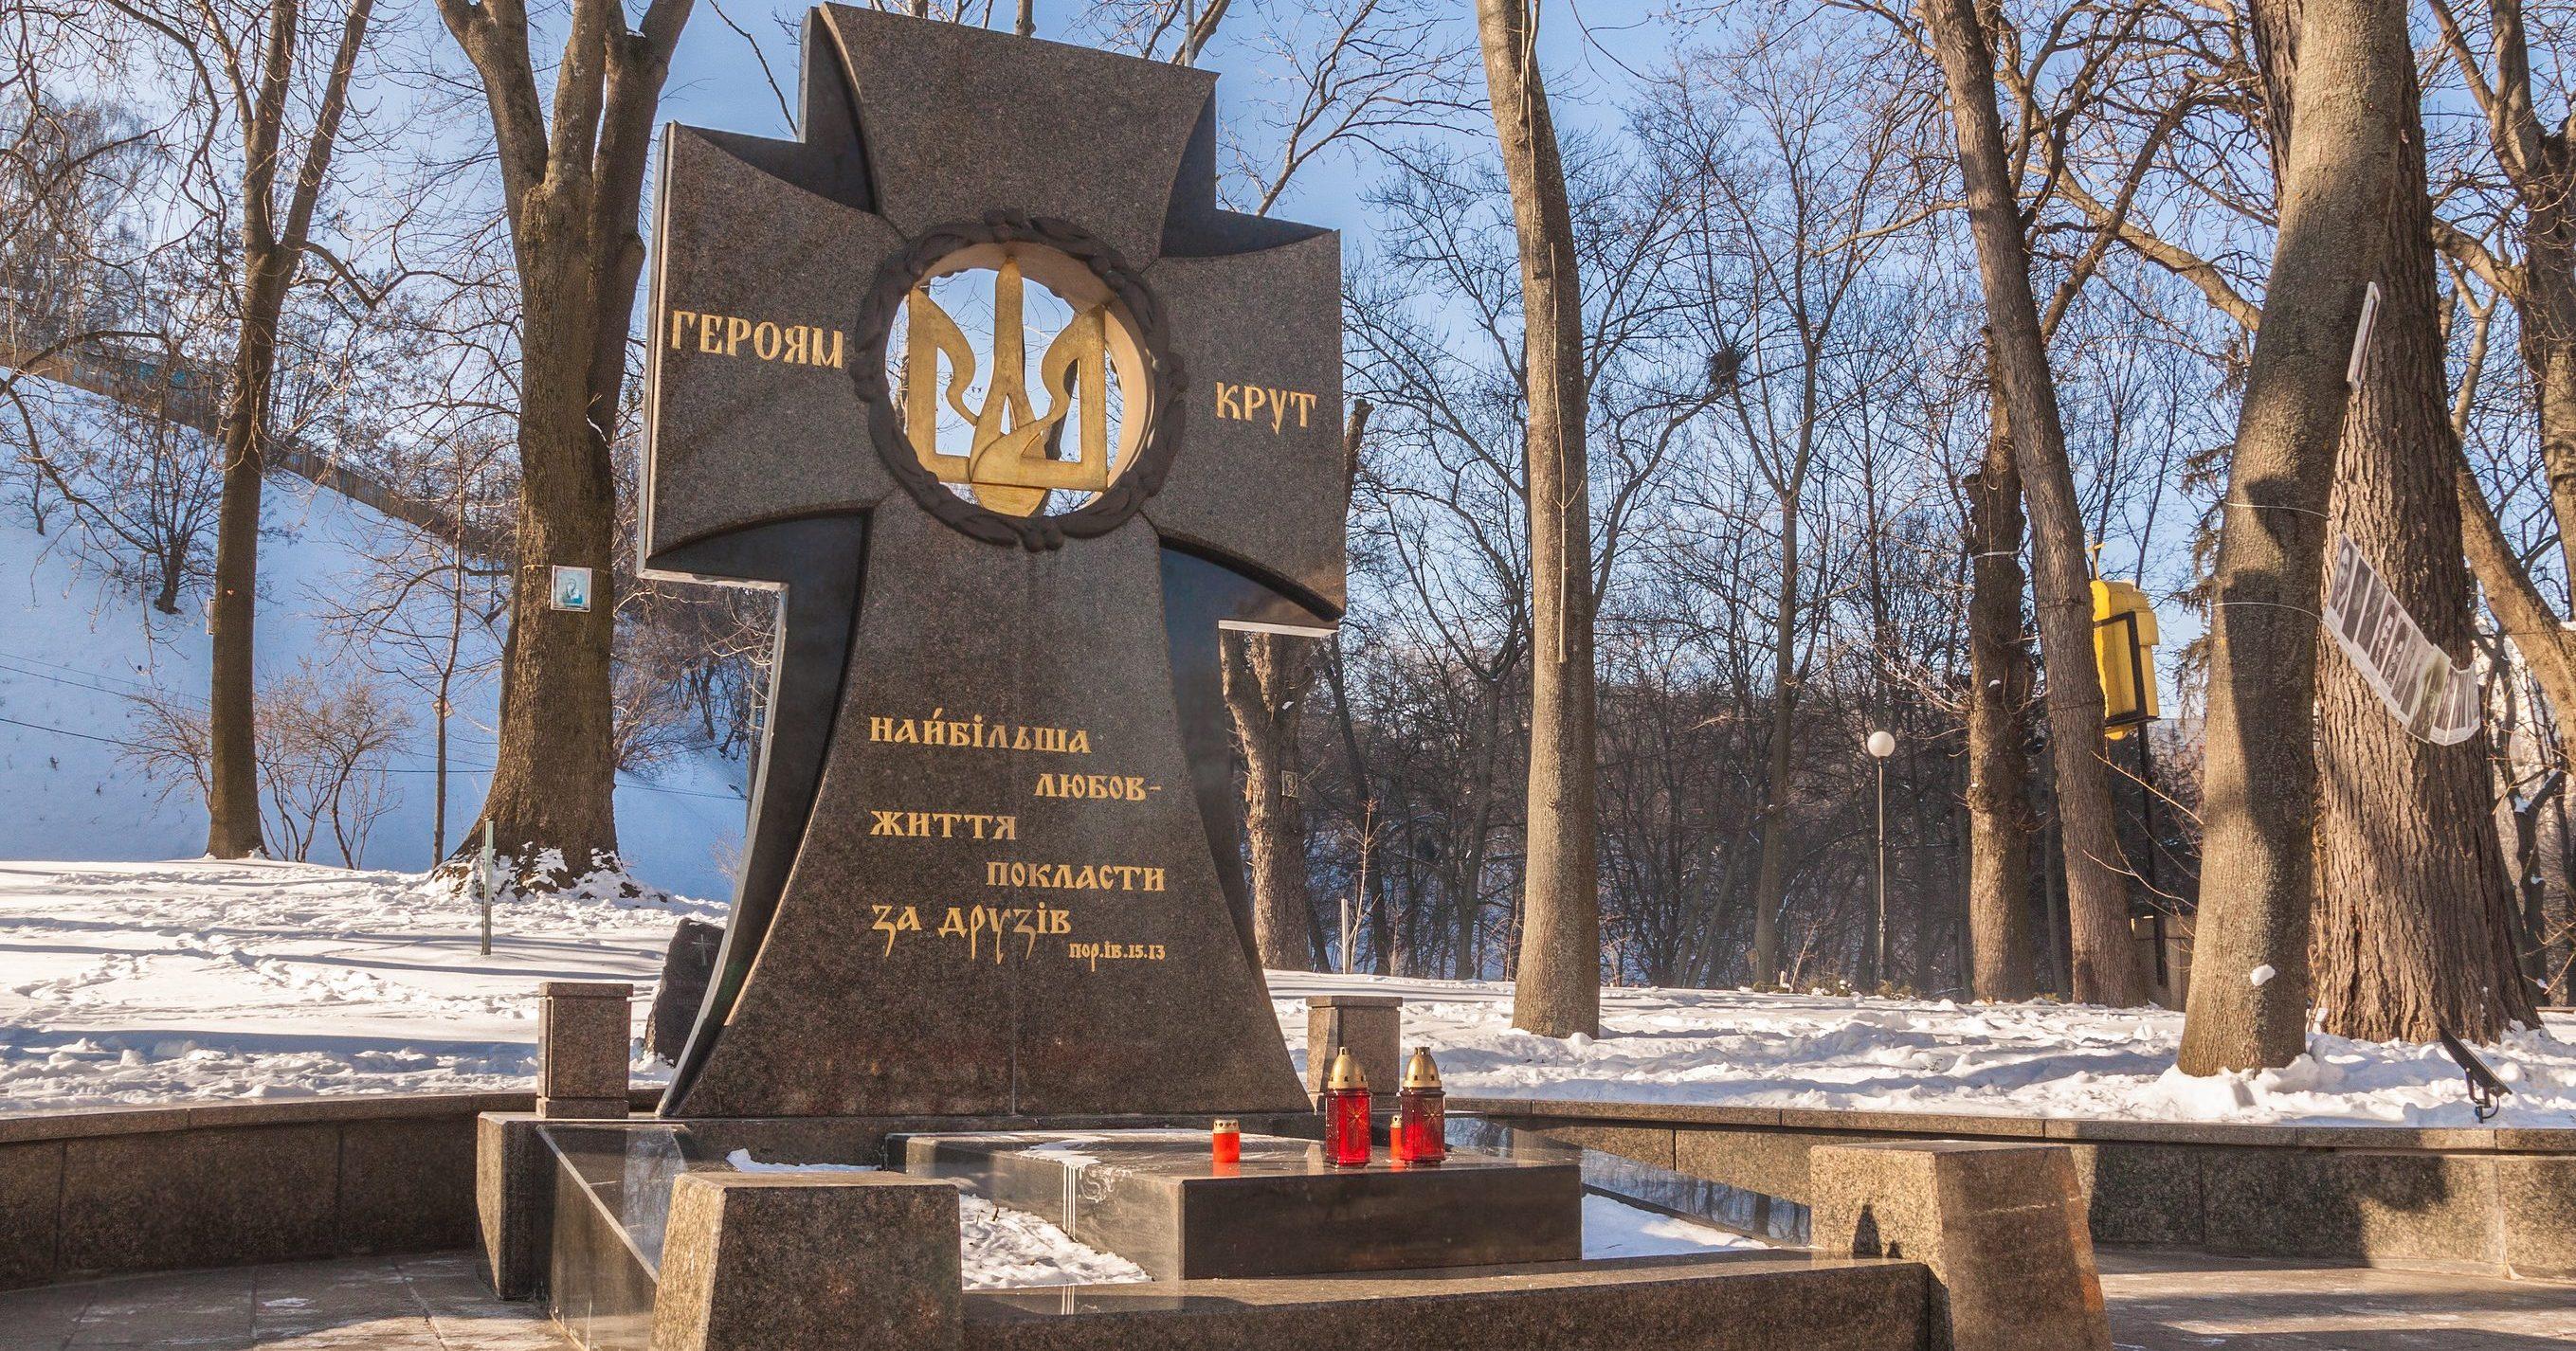 Битва під крутами меморіал